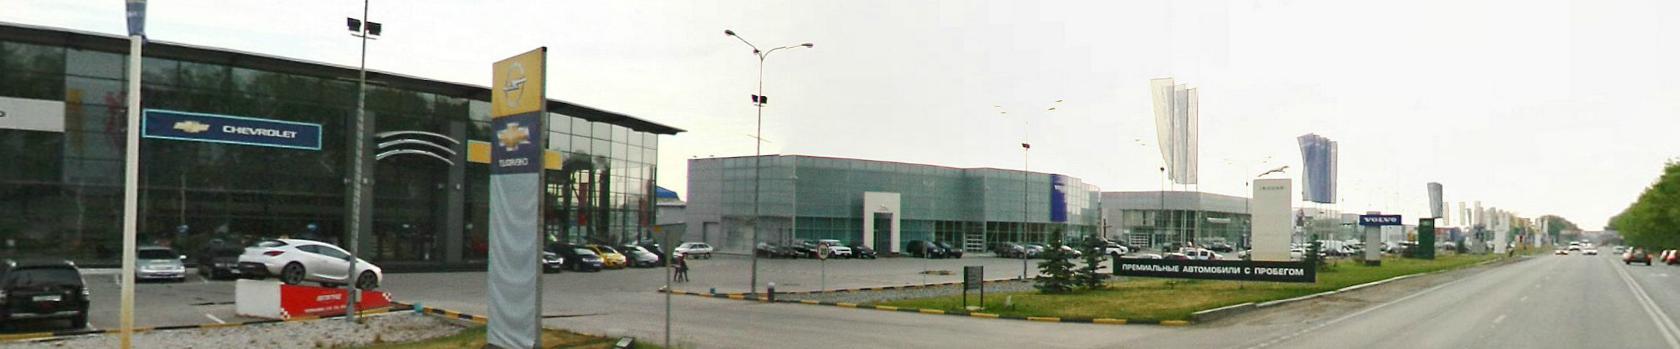 Продажа коммерческой недвижимости автосалон аренда офиса в москве 4500 руб